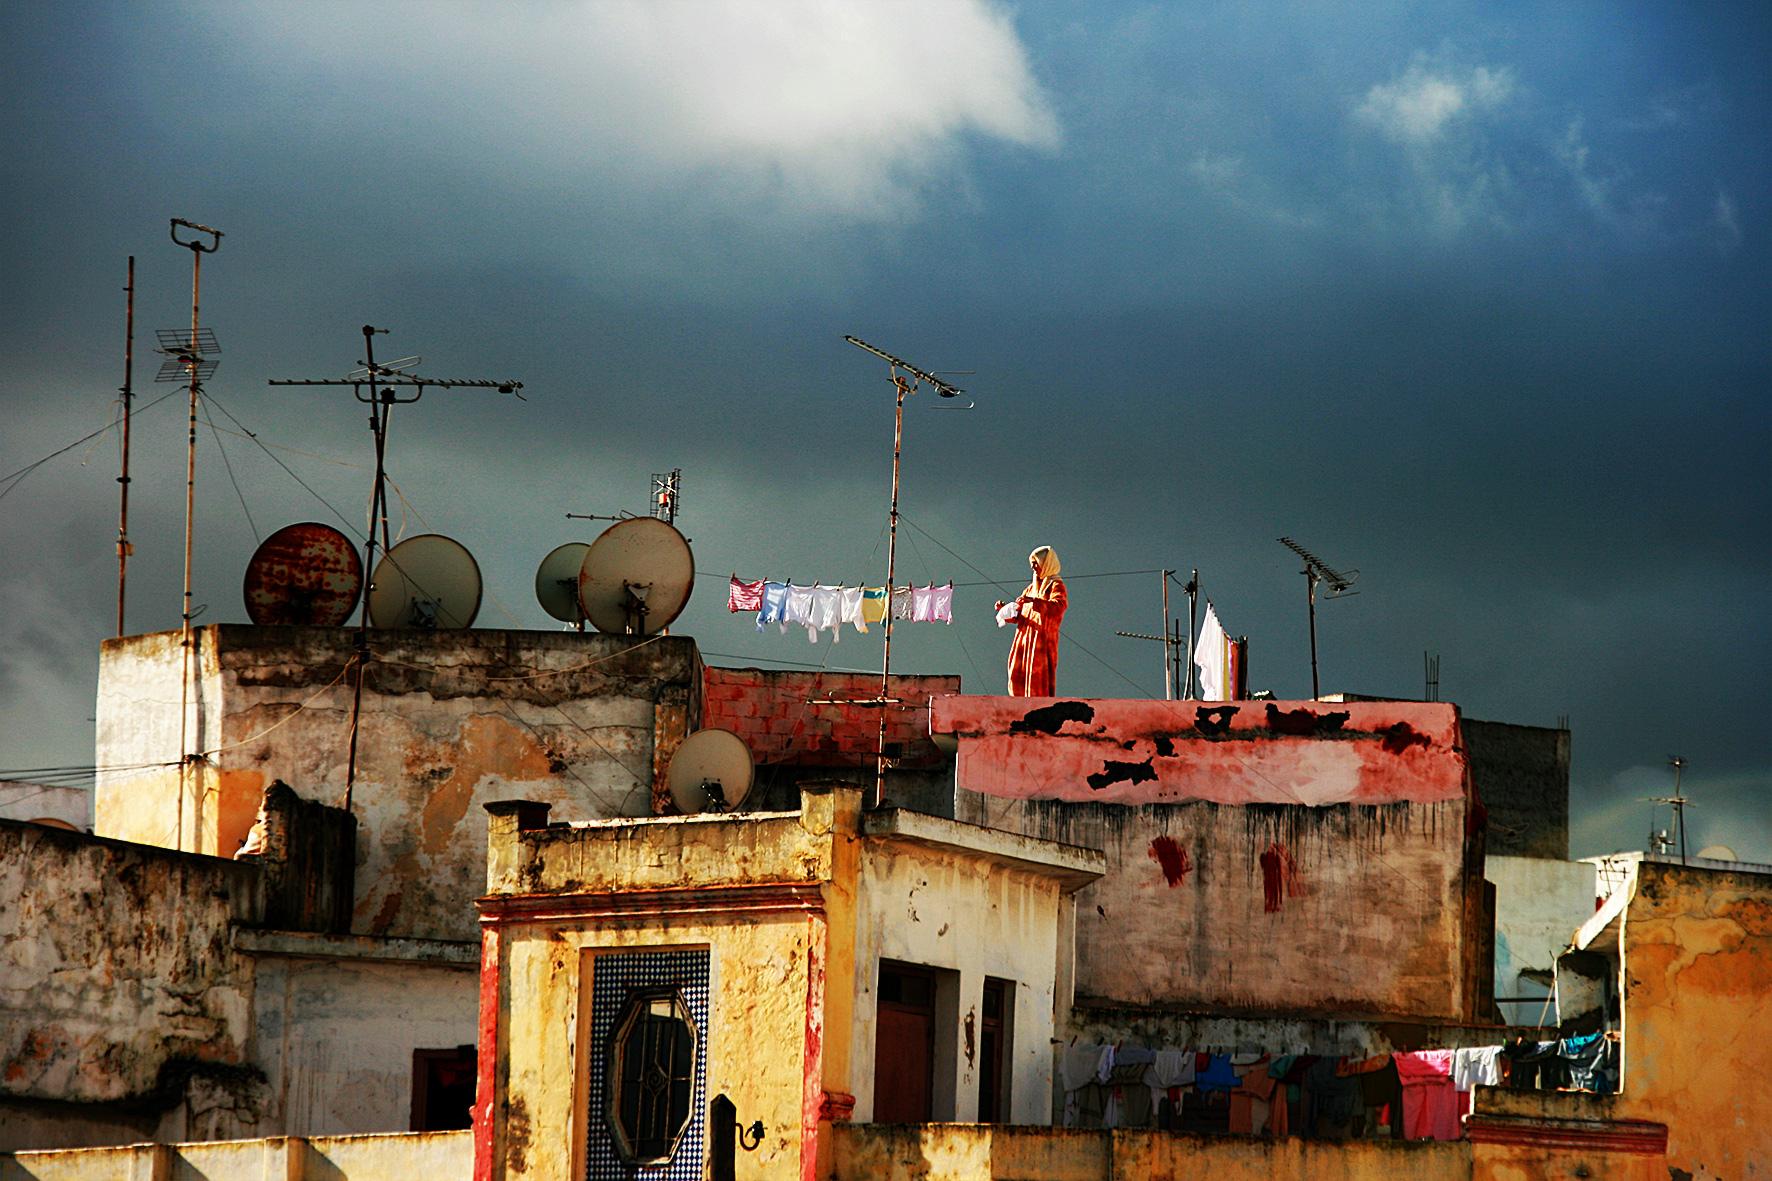 Maroc, Tanger. 2009